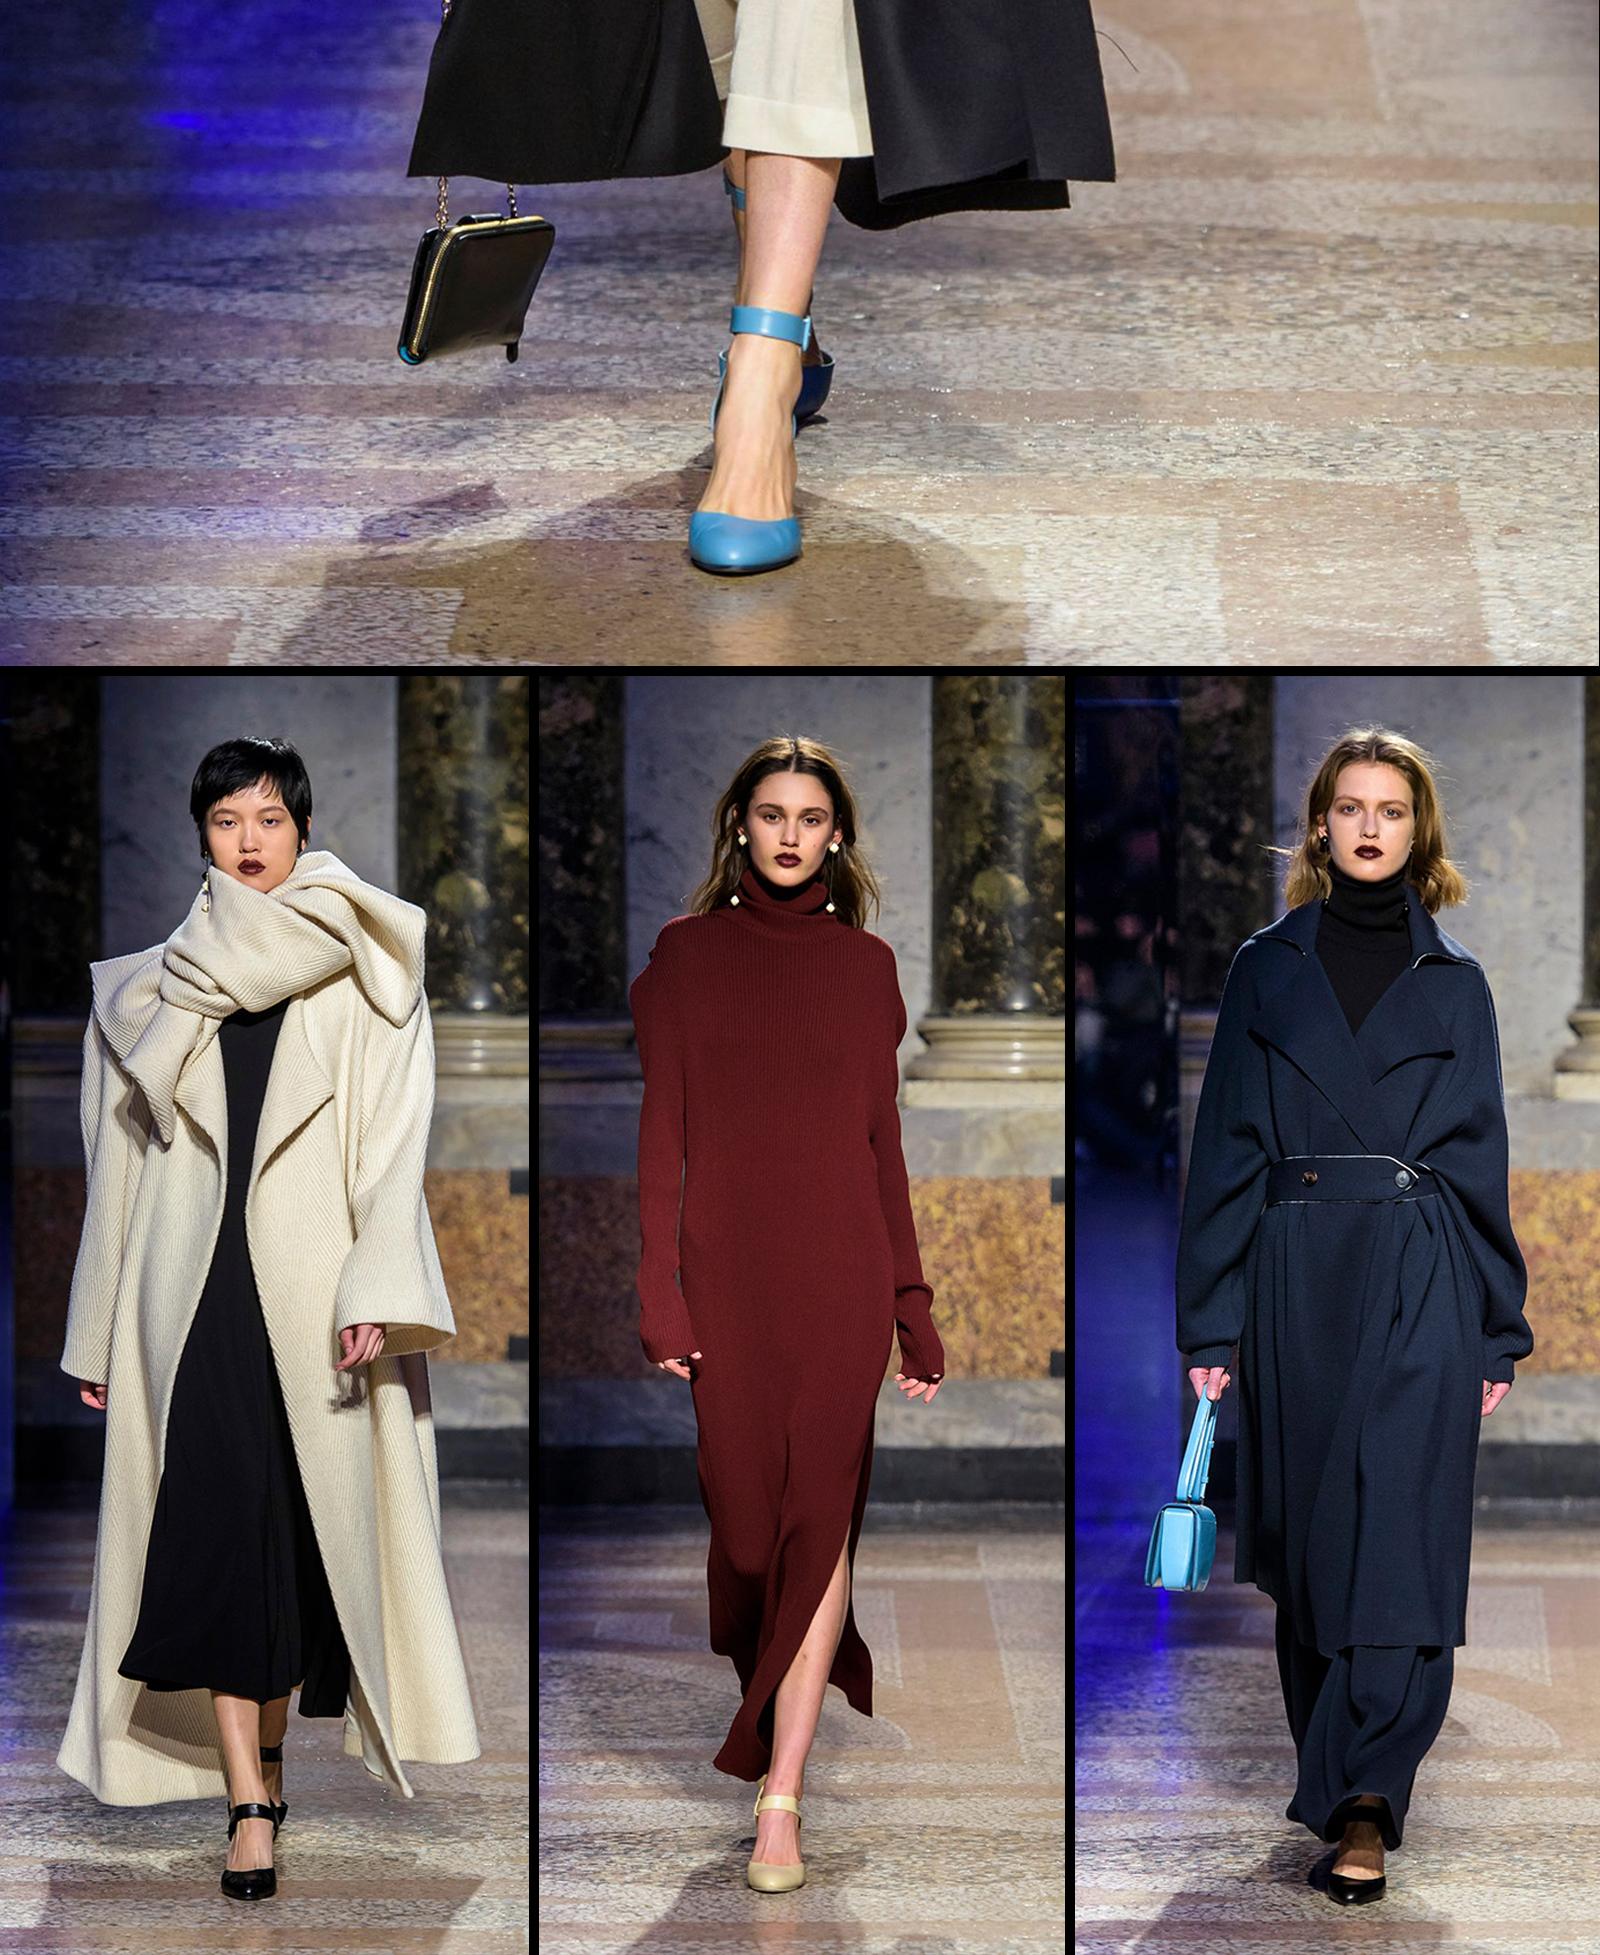 Alberto_Del_Biondi_Anteprima_fashion_show